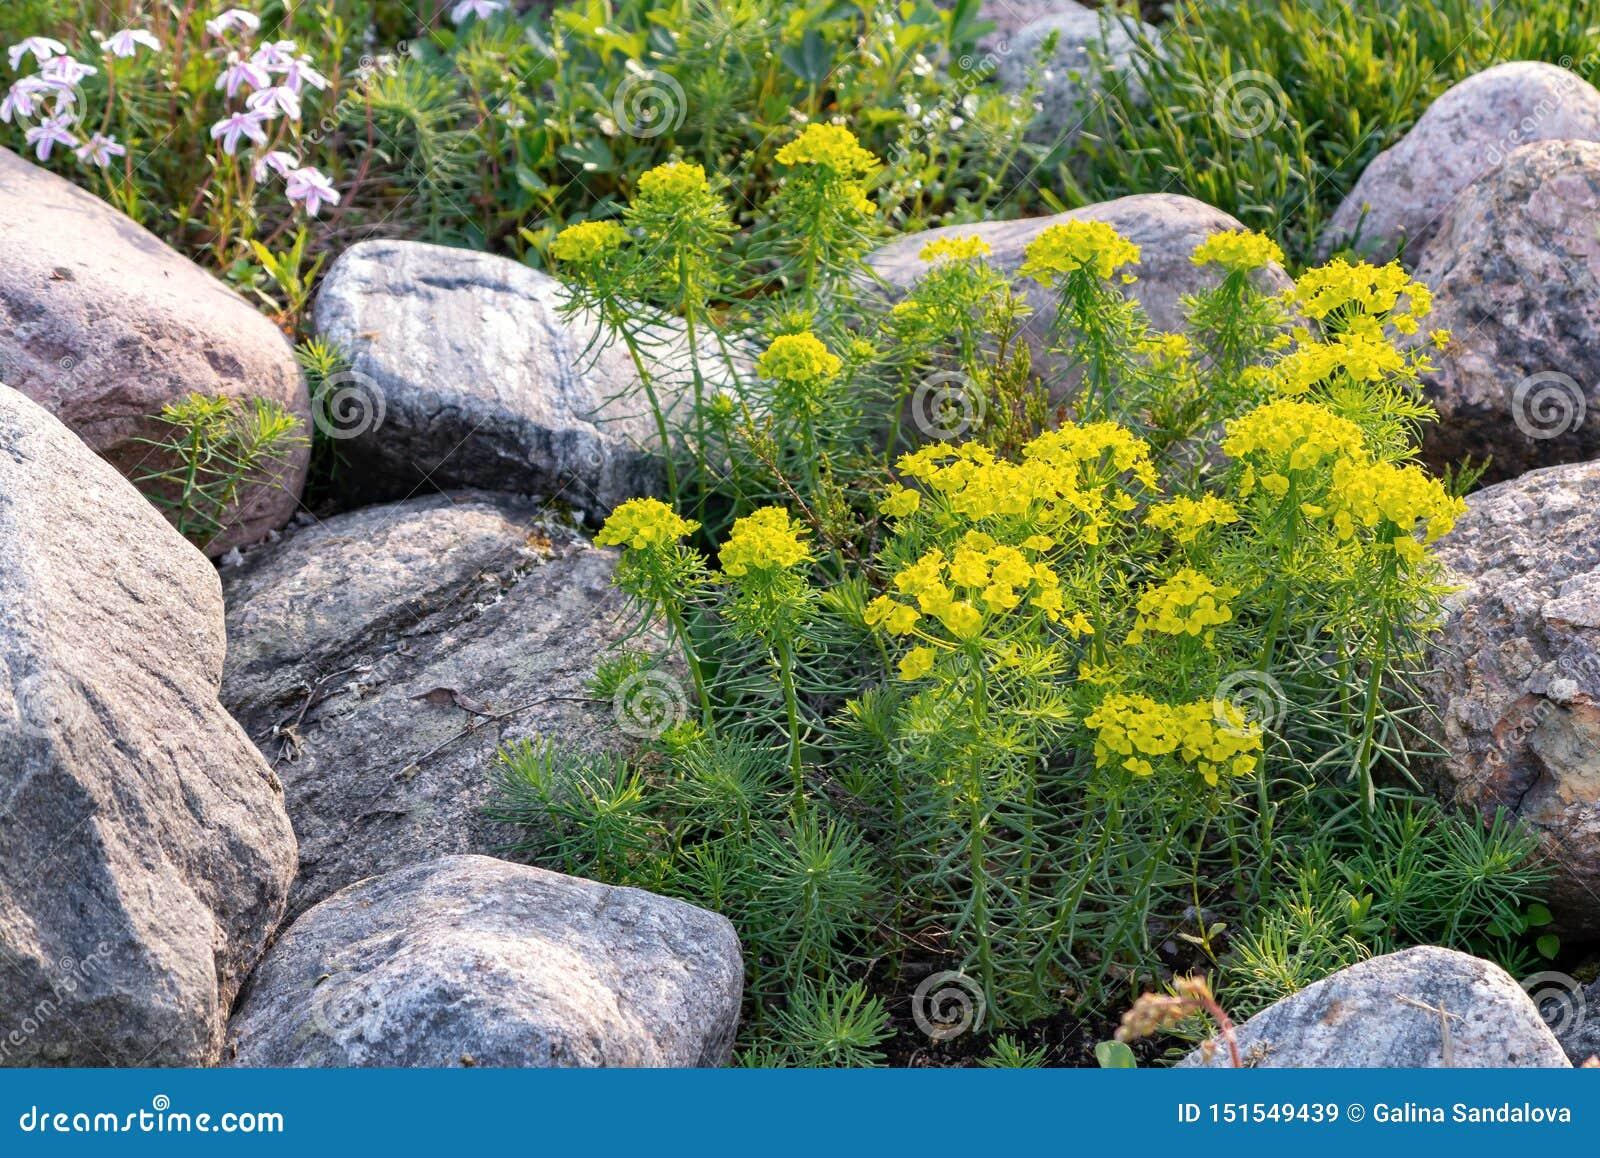 Cipreste de florescência do eufórbio e outras flores em um jardim ornamental pequeno no jardim do verão